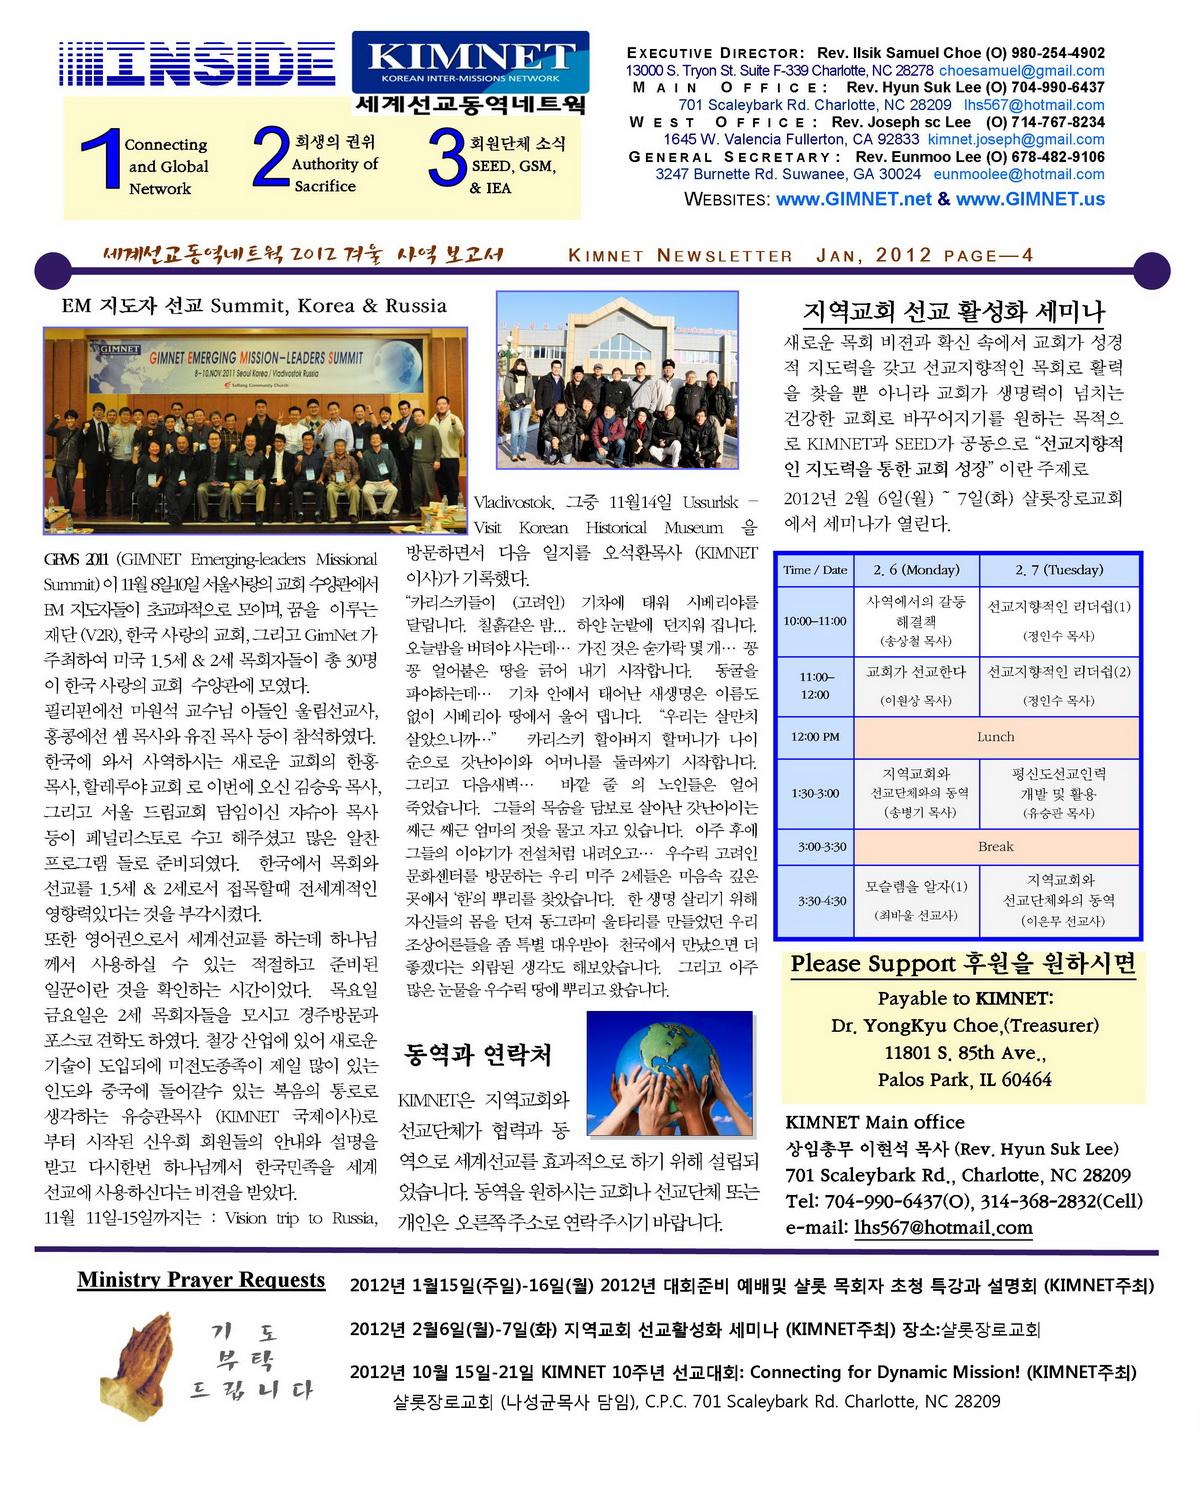 Newsletter_KIMNET_2011_Winter_004.jpg